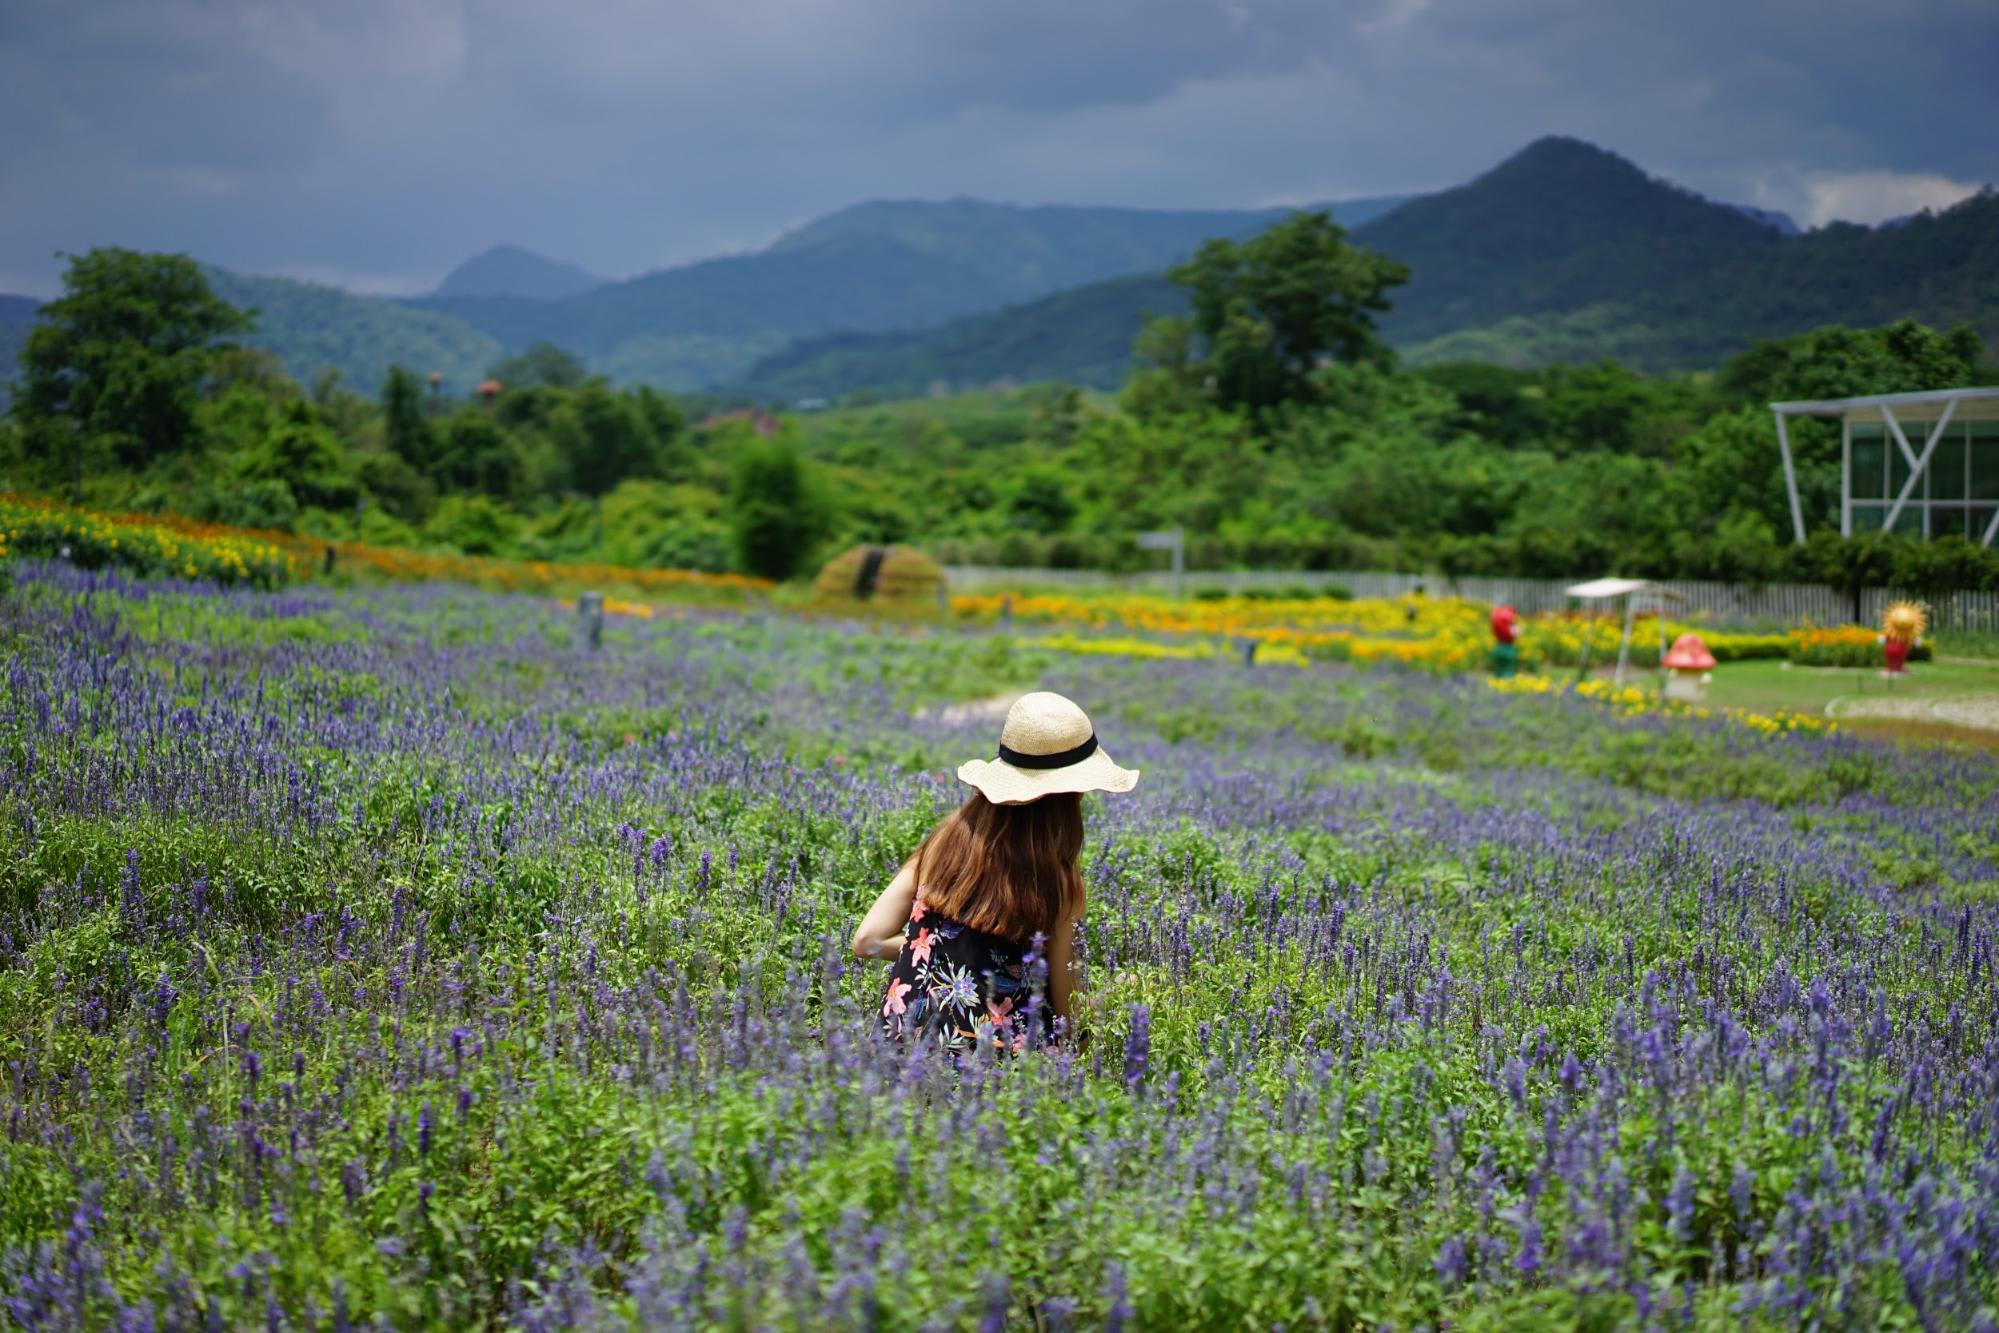 Lavender field in Khao Yai